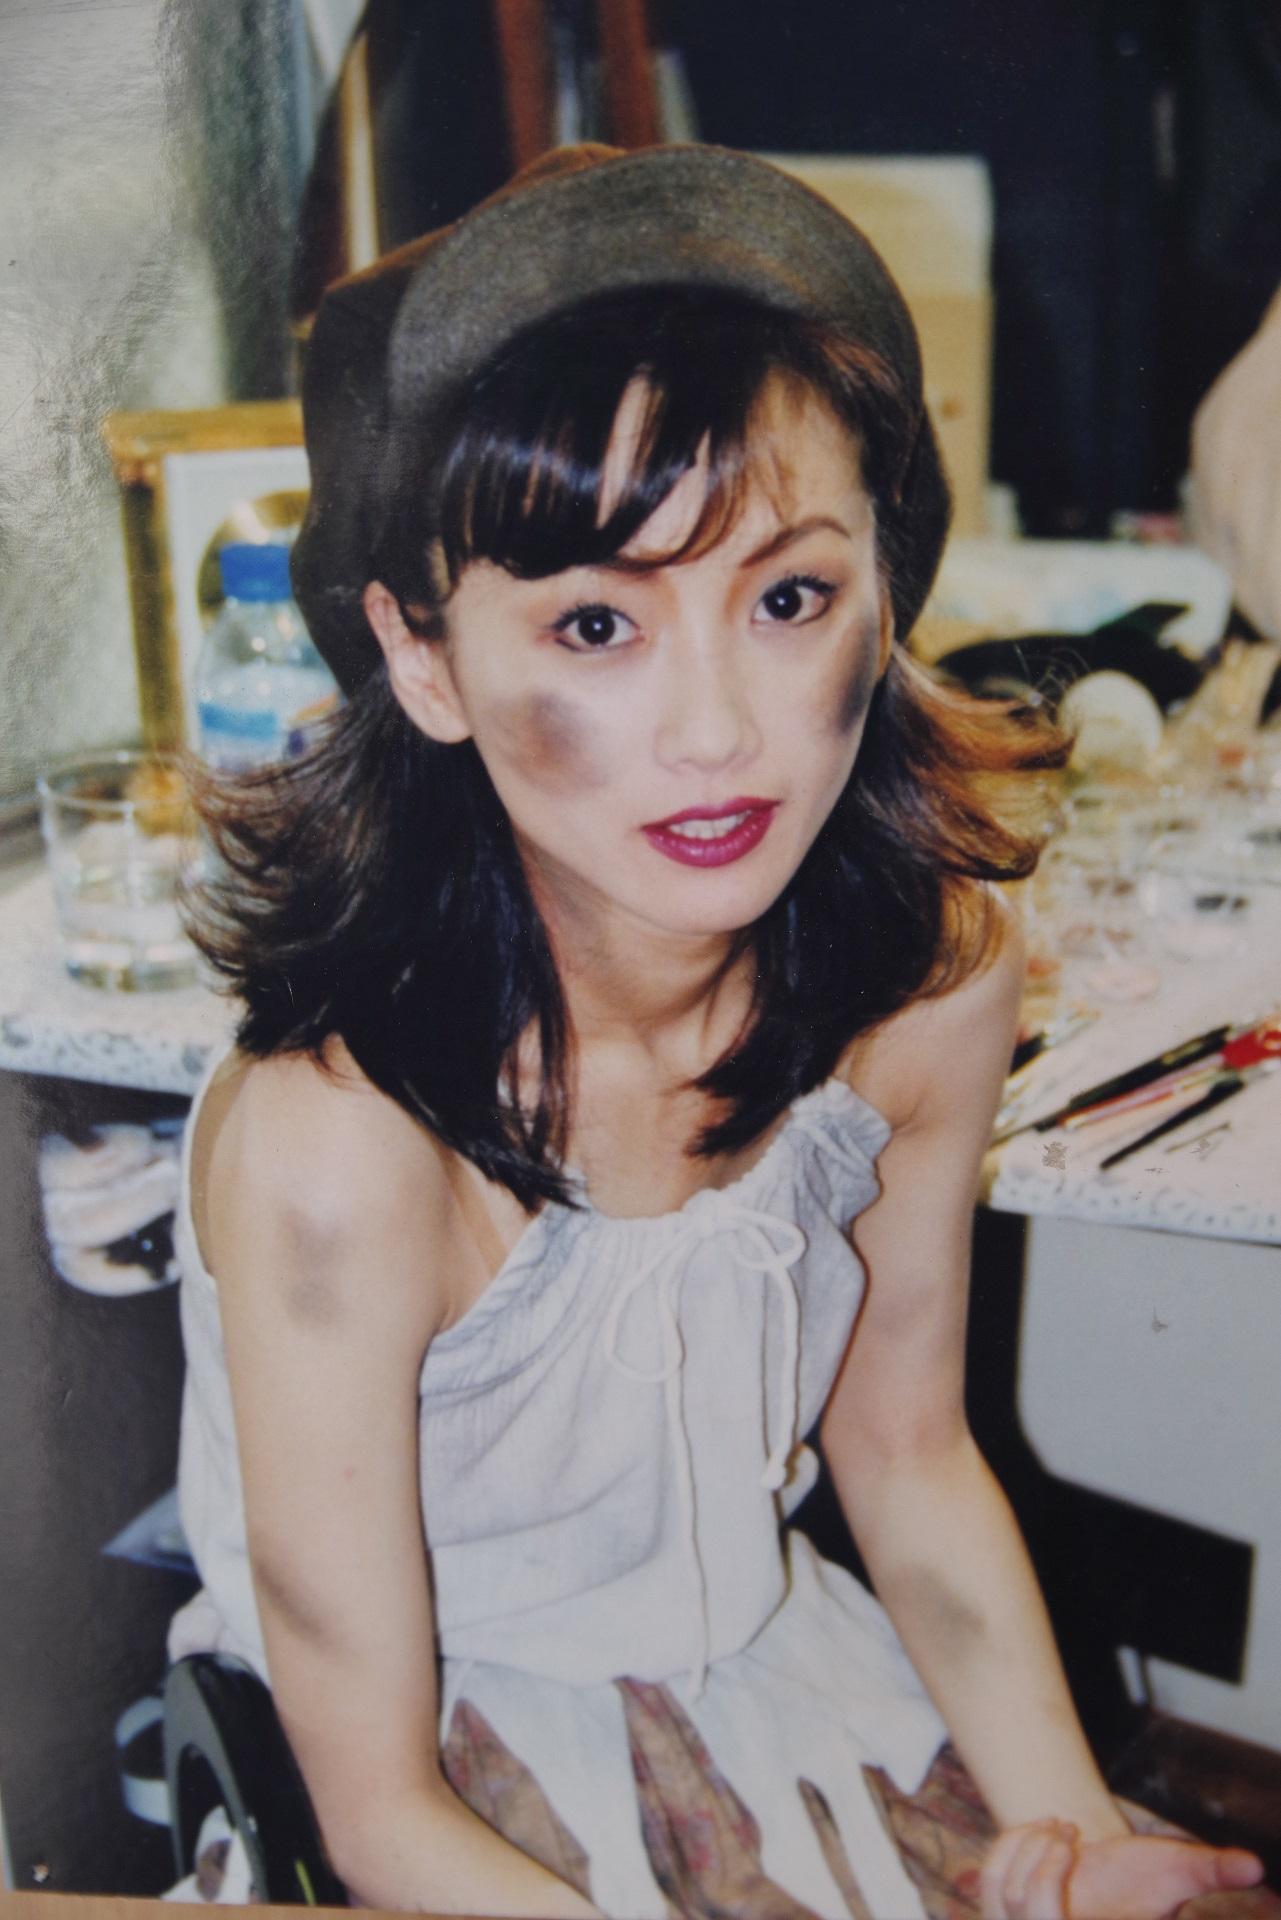 本田美奈子.の画像 p1_38